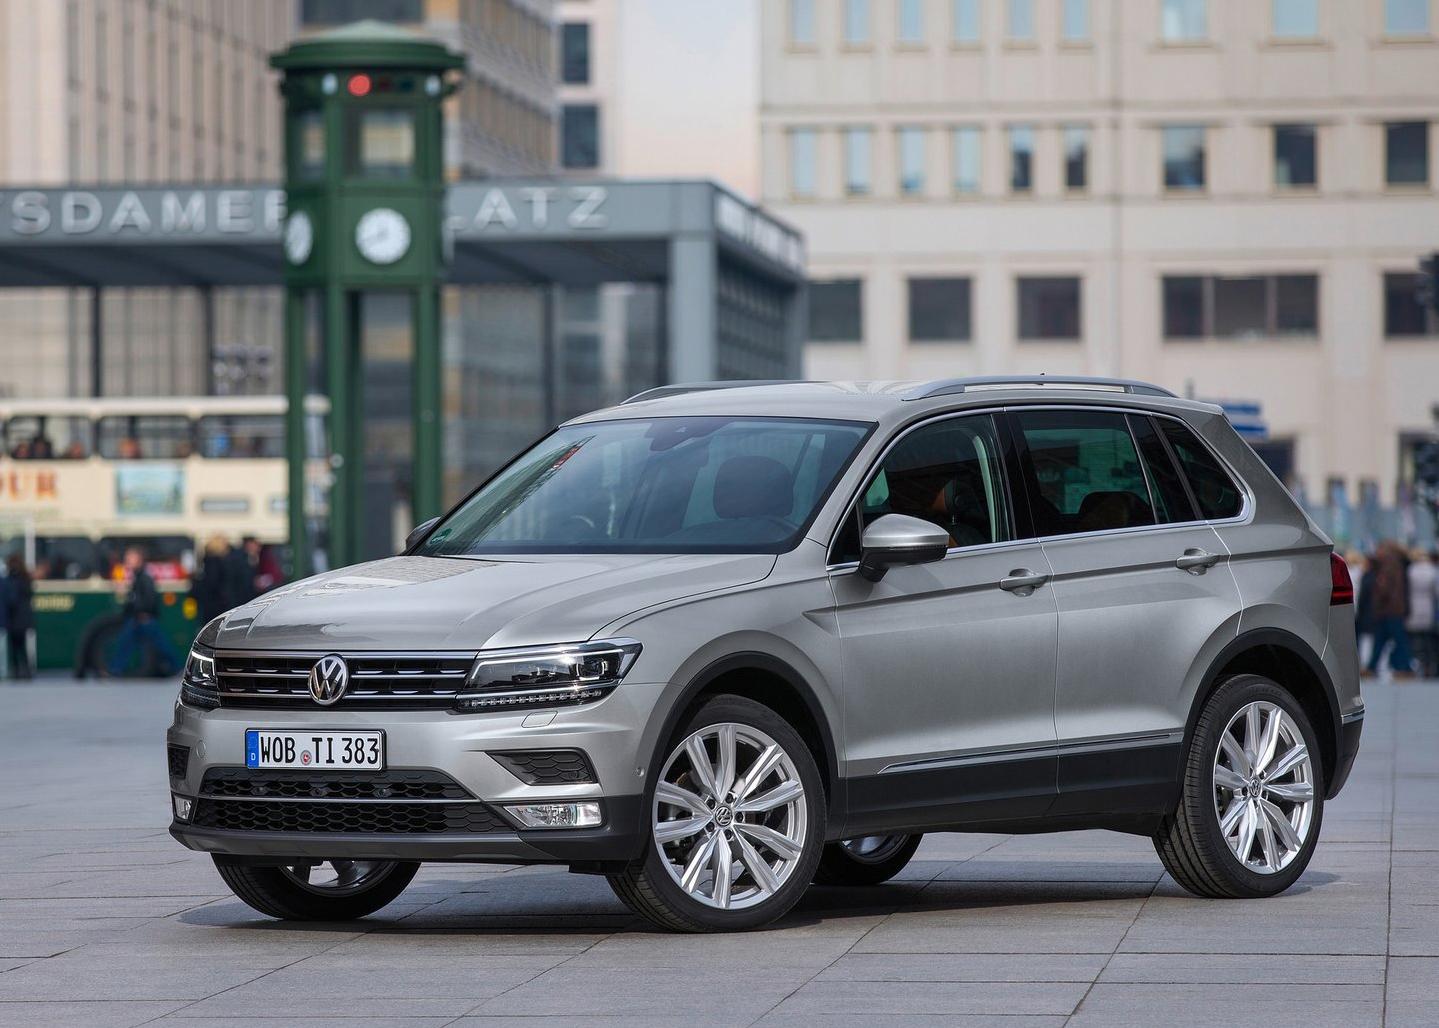 Volkswagen Tiguan | Engines And Specifications Of 2017 Australian Range